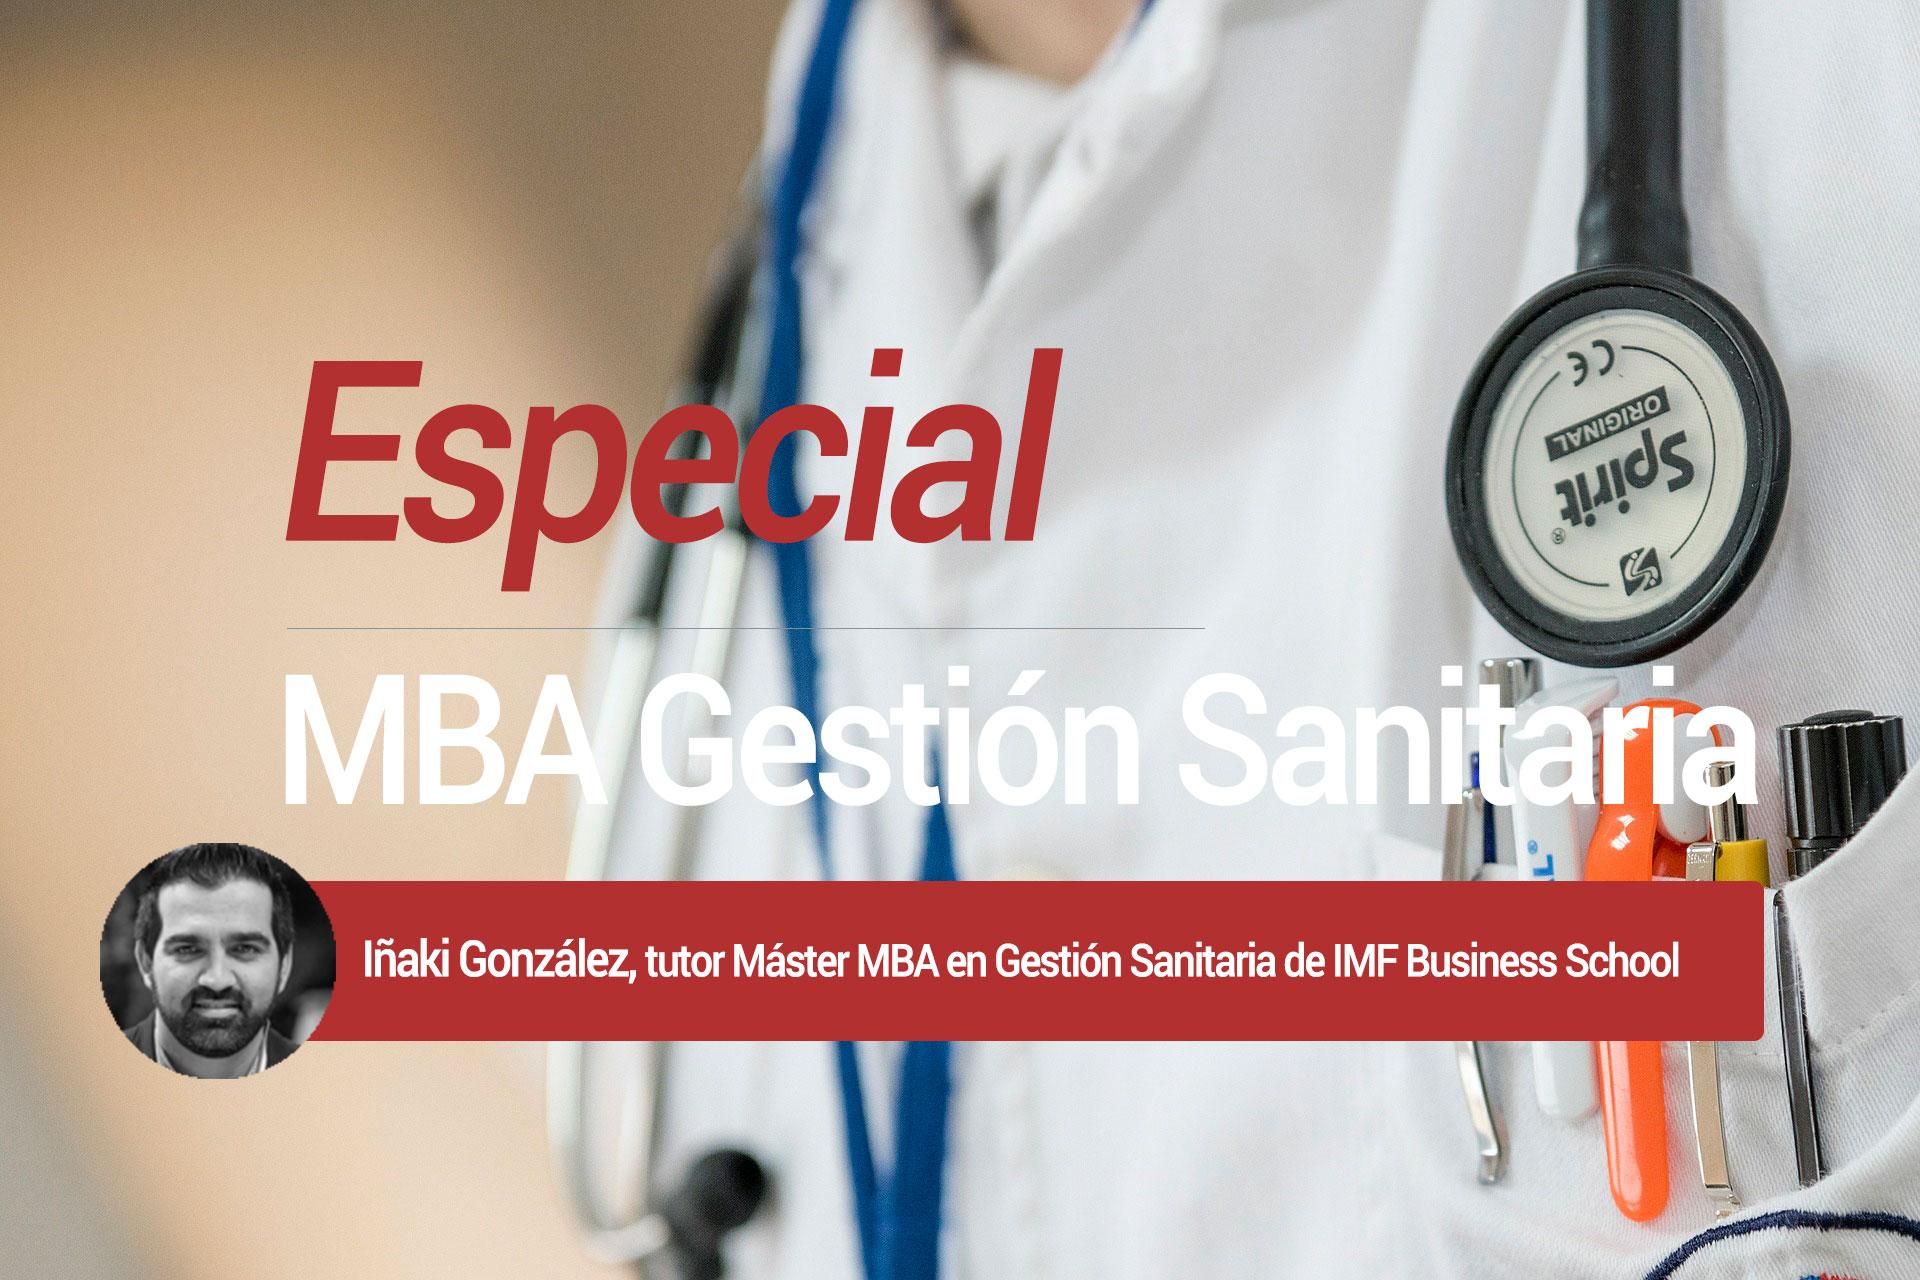 especial-mba-sanitaria Especial MBA Gestión Sanitaria: Cómo diseñar mejores hospitales